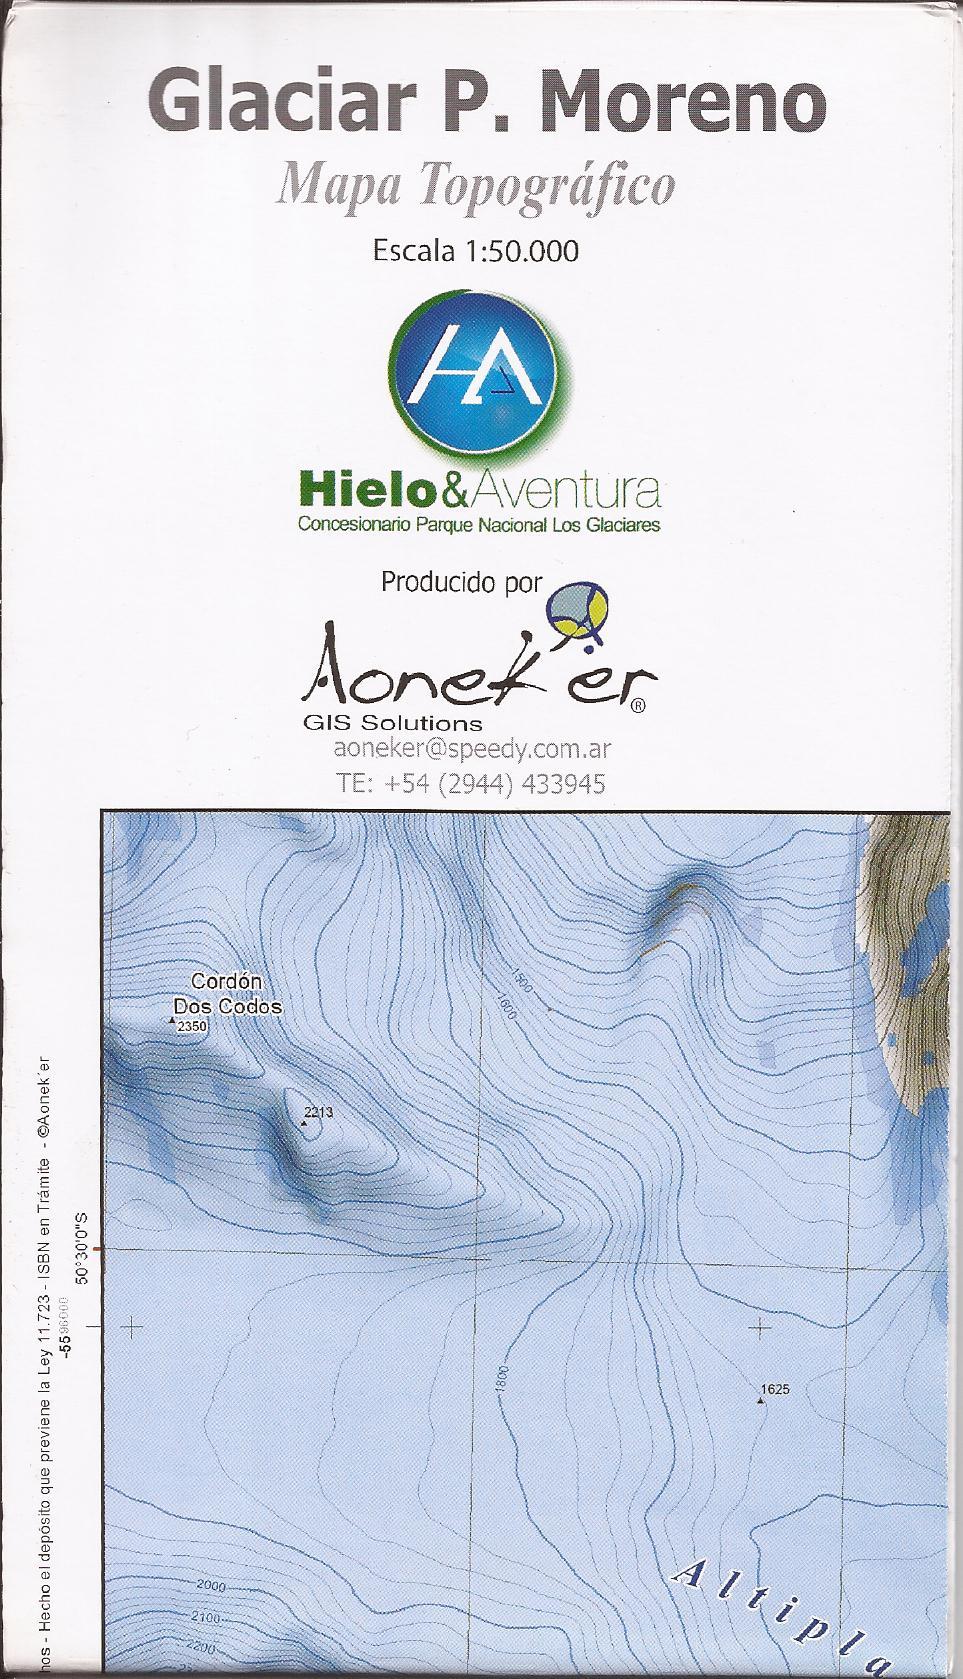 Tutte le mappe topografiche della patagonia in formato digitale vado a vivere in argentina - Come diventare perito immobiliare ...